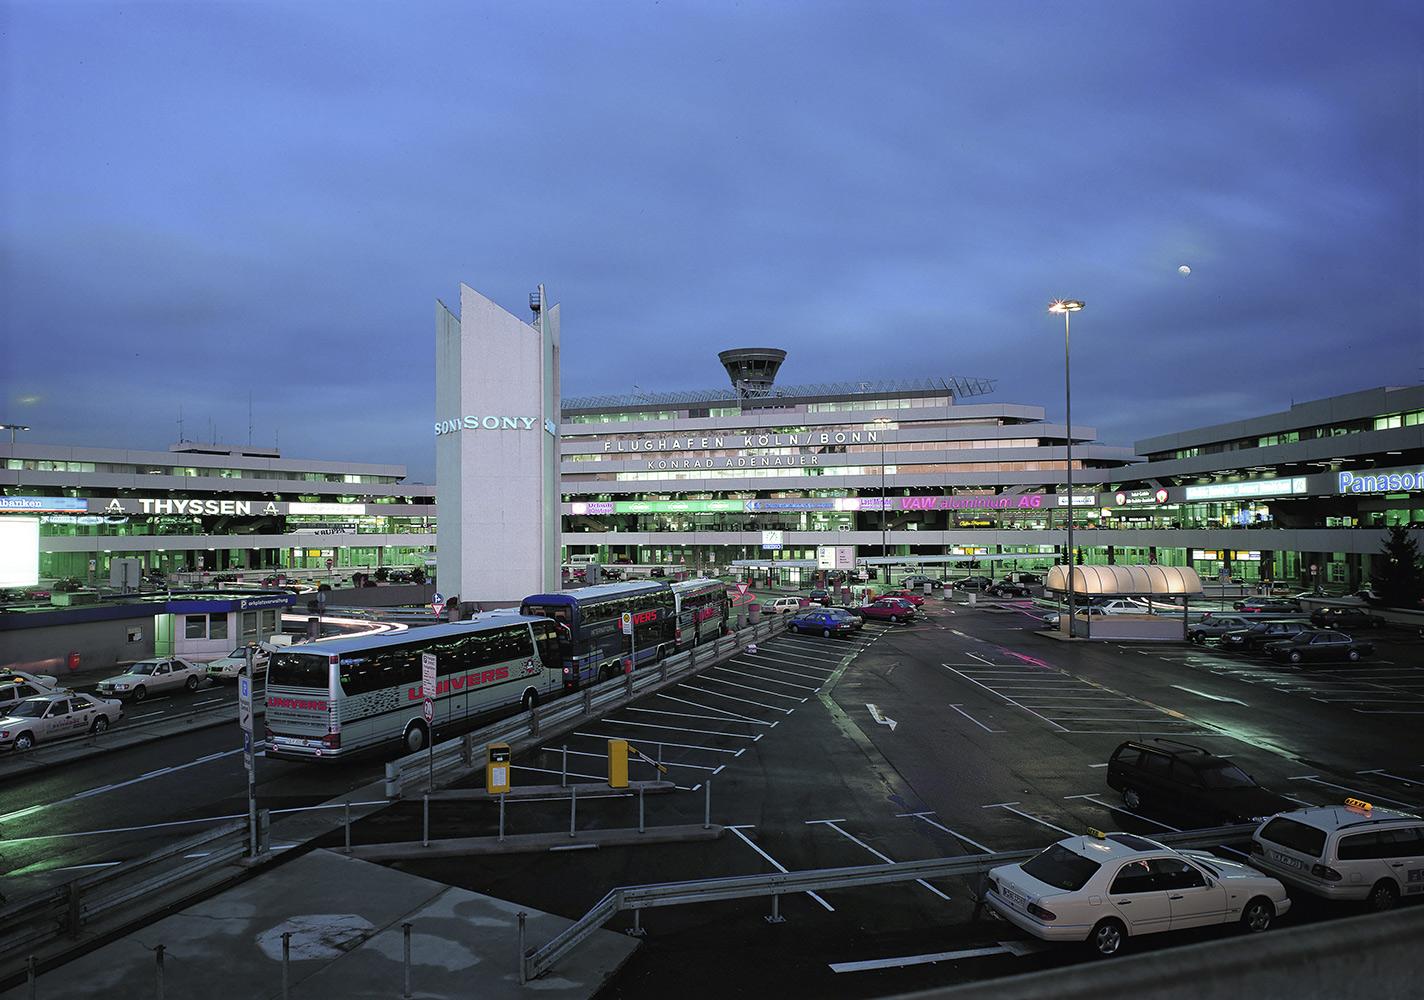 Flüchtlinge Flughafen Köln Bonn